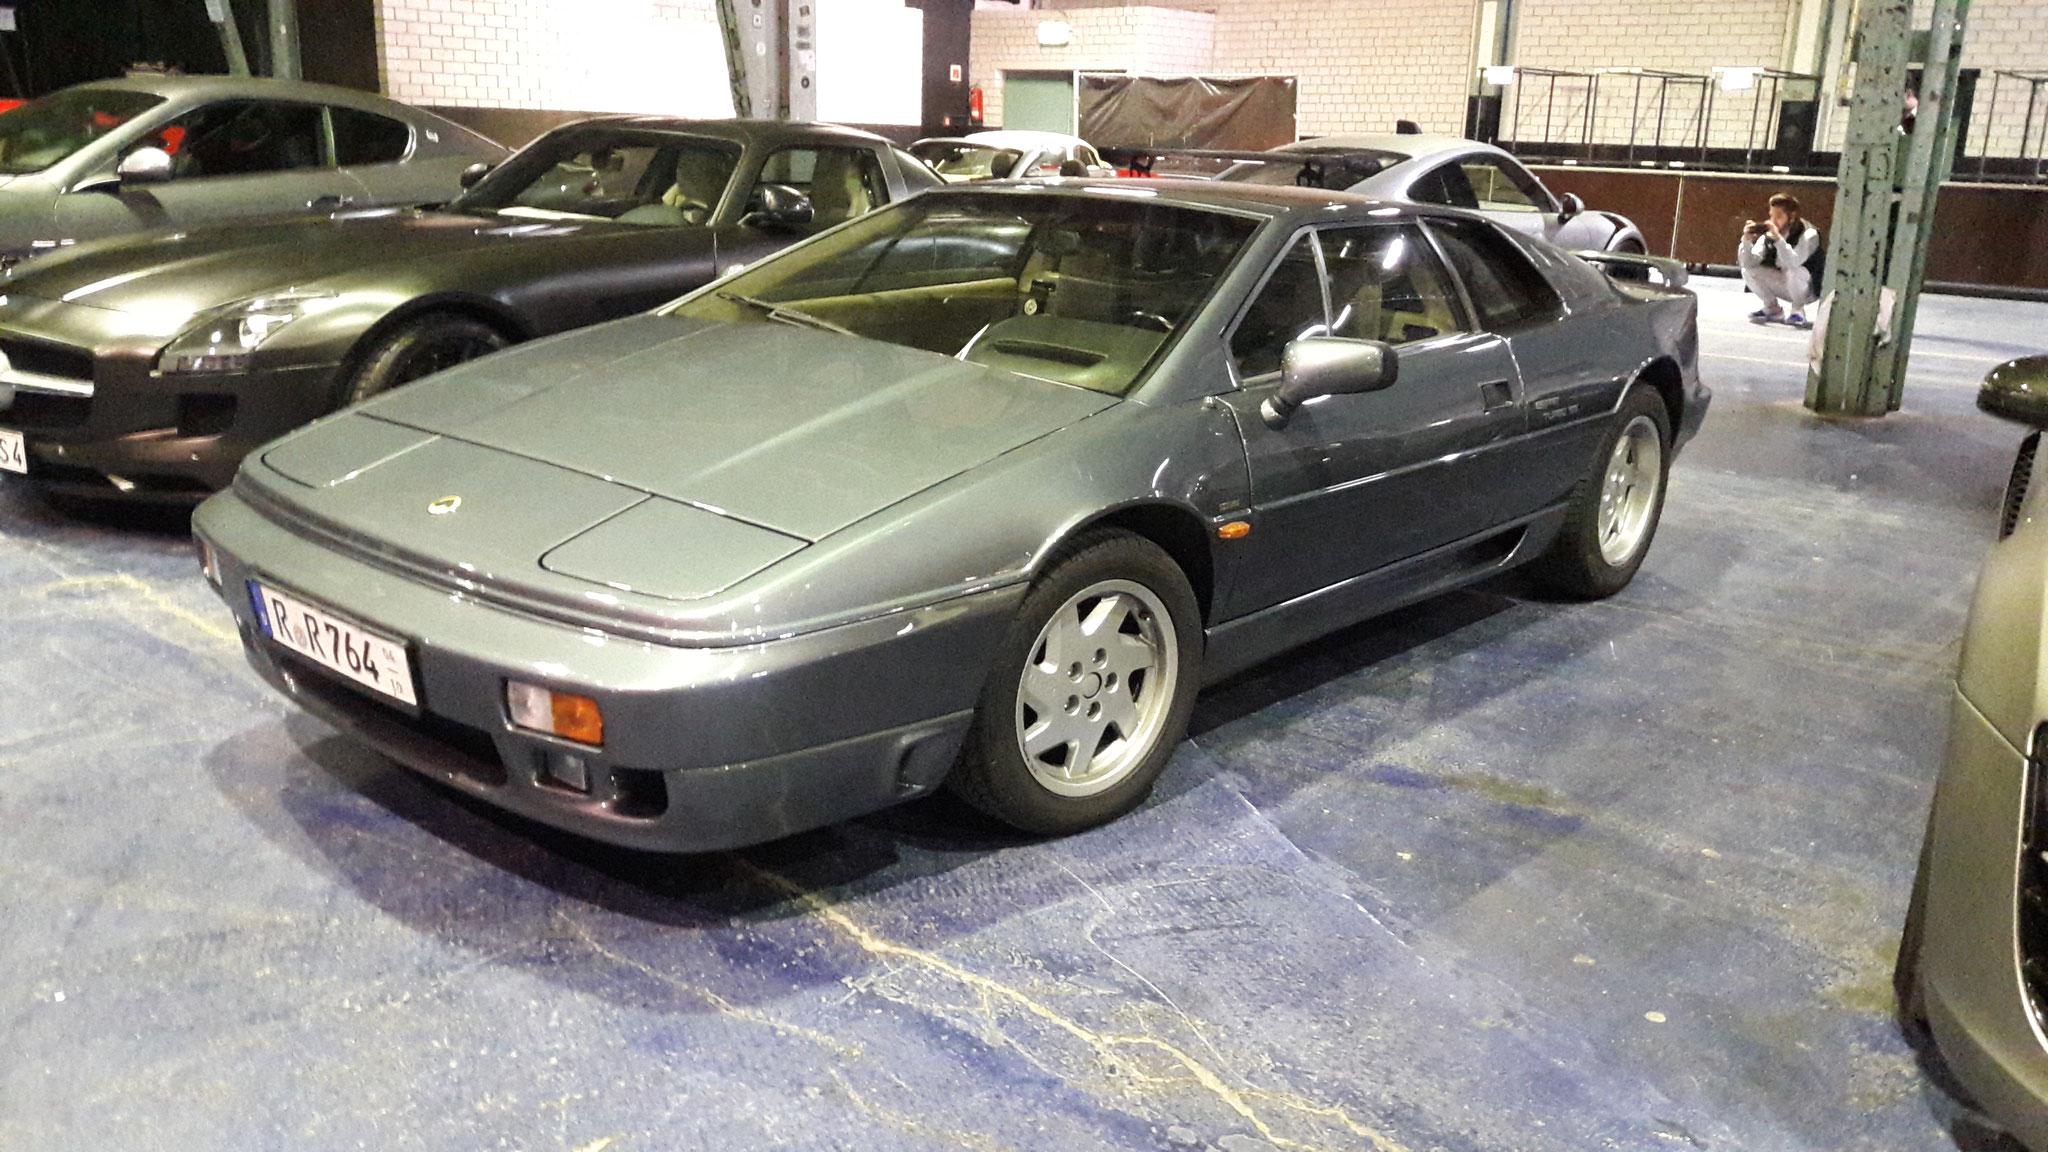 Lotus Esprit V8 - R-R-764